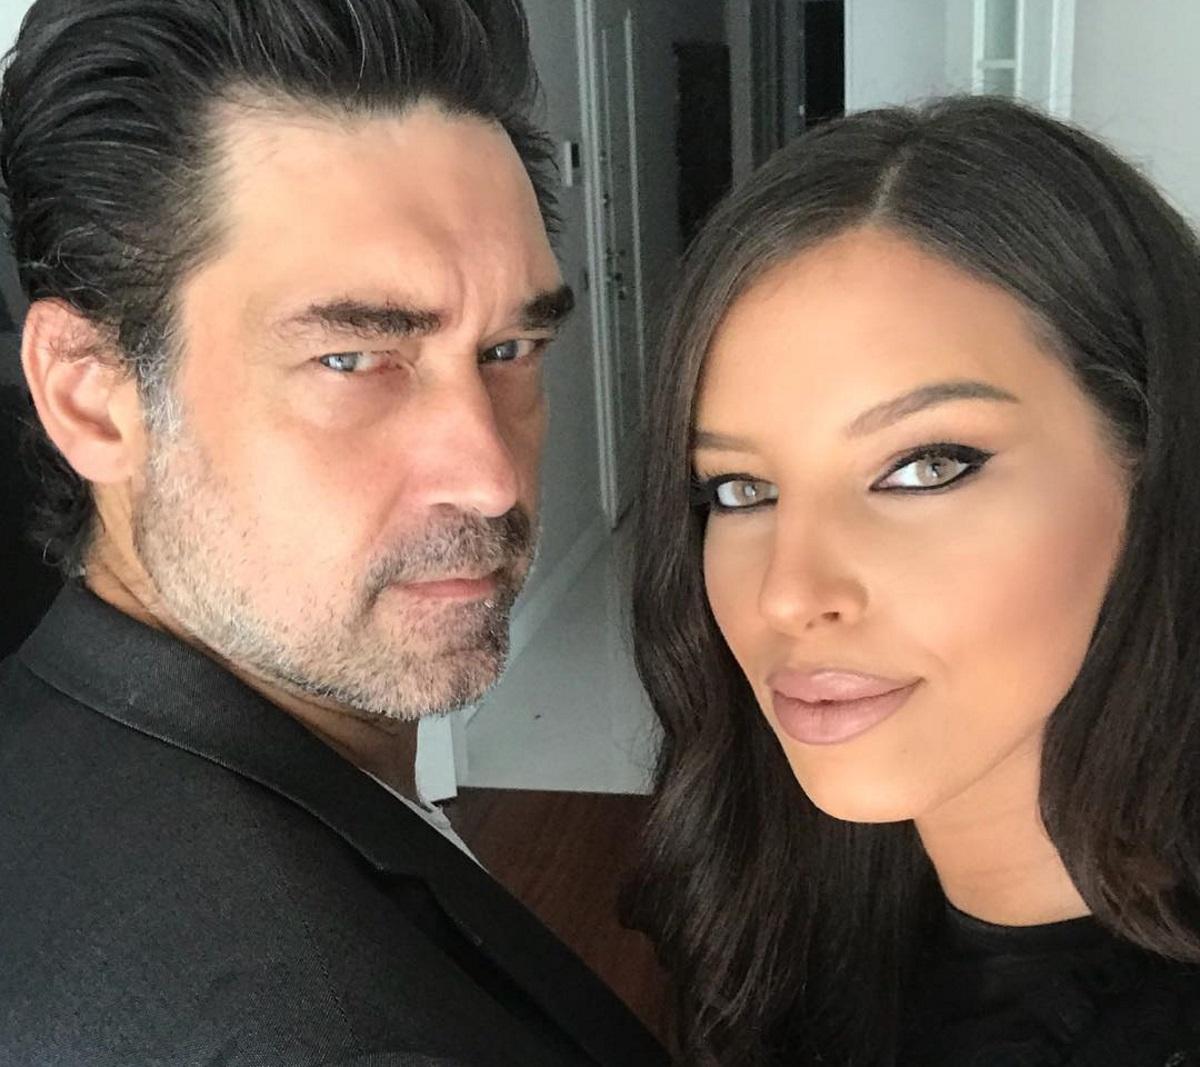 Μπουράκ Χακί: Ο κούκλος Τούρκος ηθοποιός ετοιμάζεται να παντρευτεί την Ελληνίδα σύντροφό του! | tlife.gr